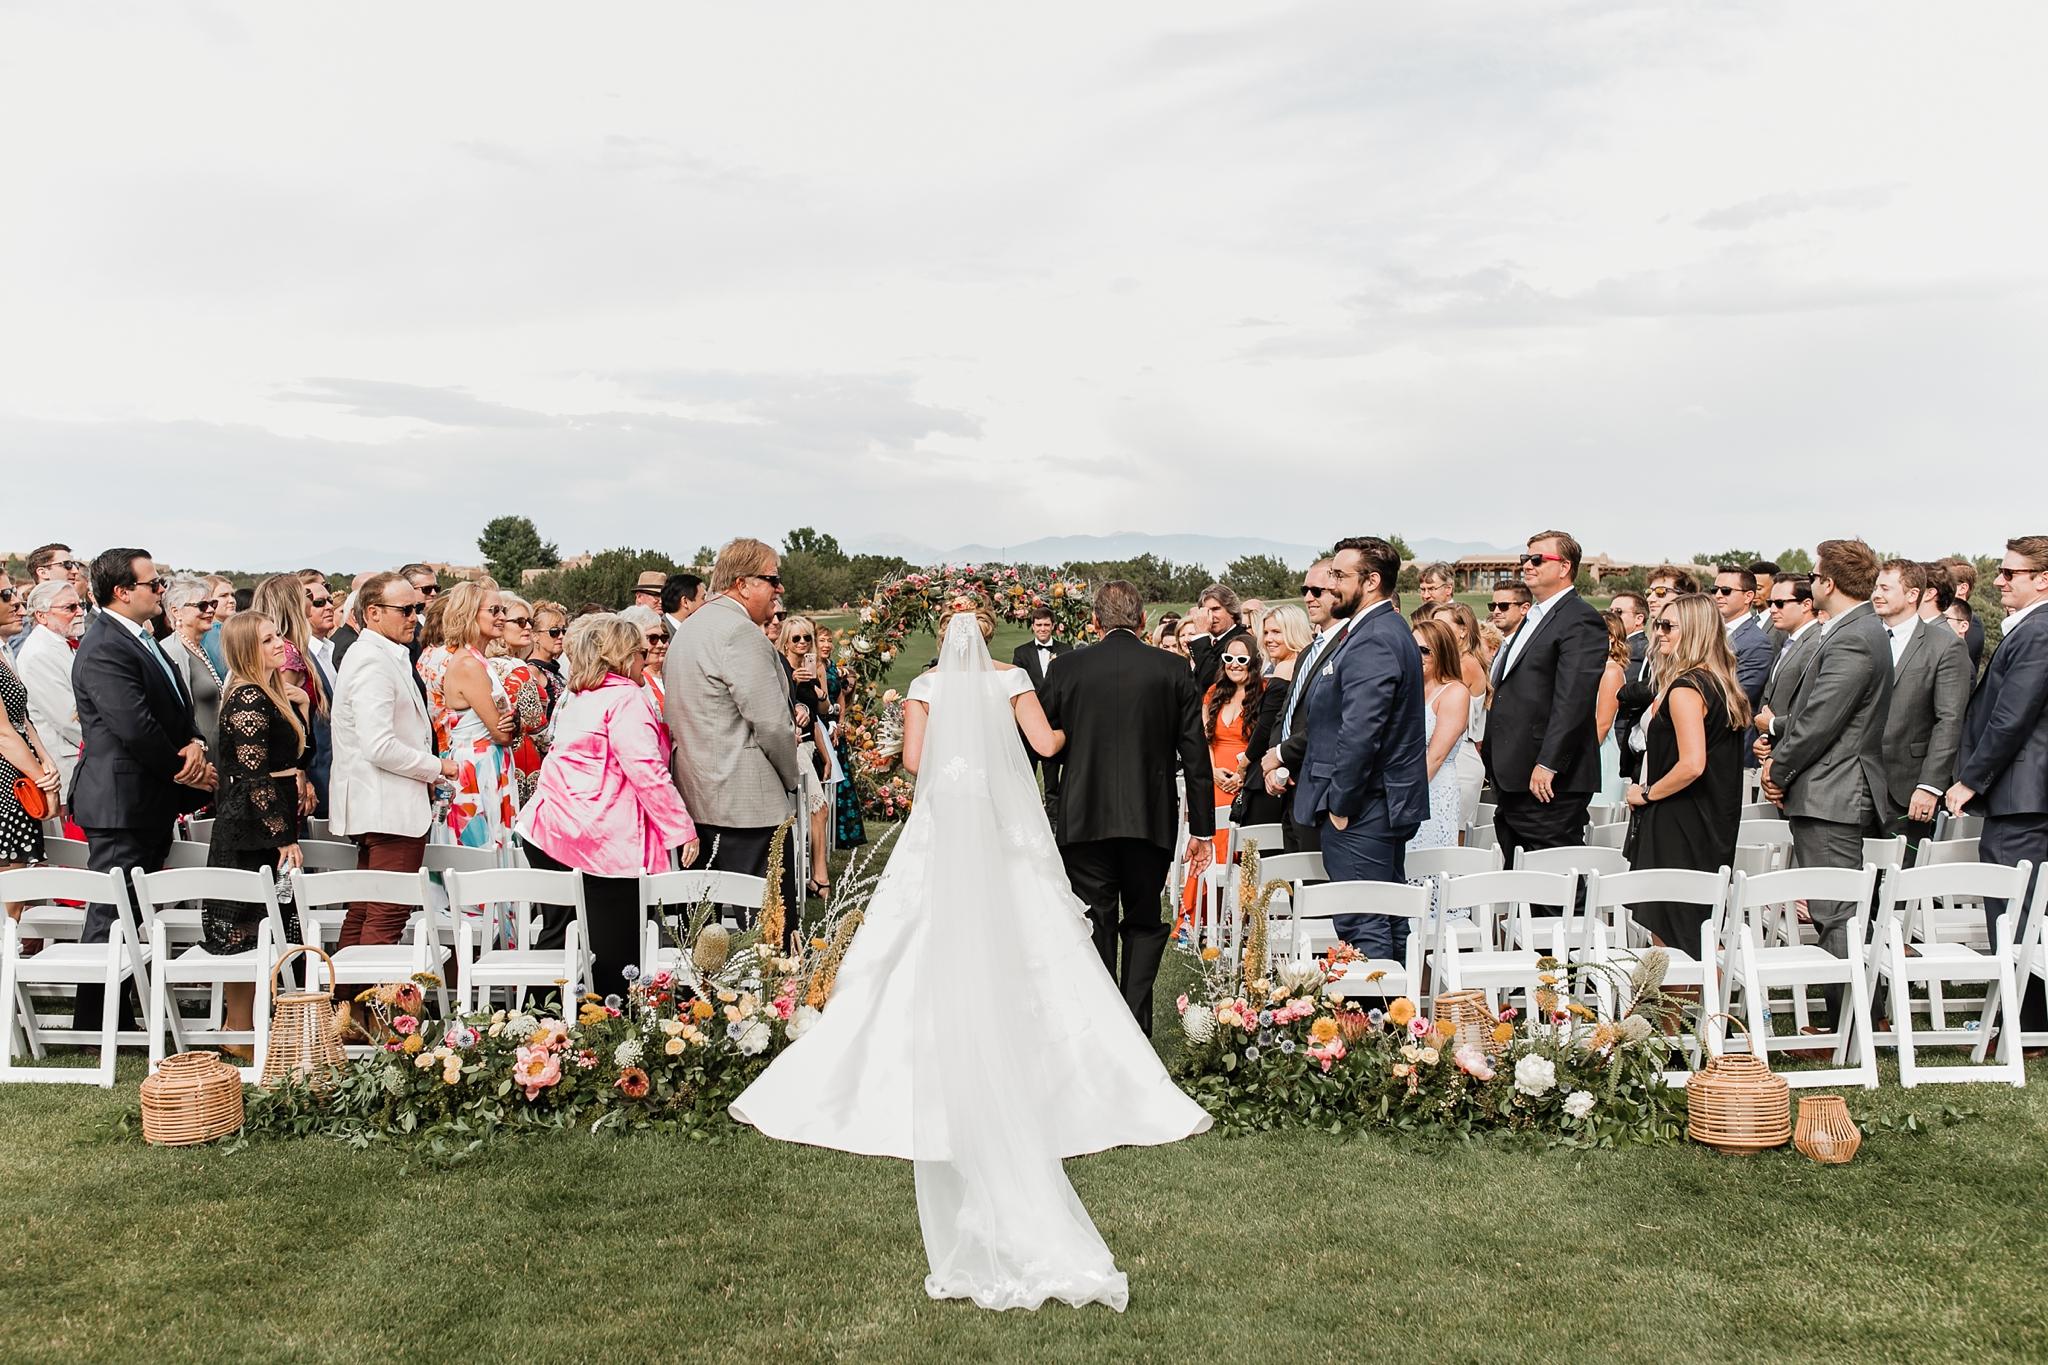 Alicia+lucia+photography+-+albuquerque+wedding+photographer+-+santa+fe+wedding+photography+-+new+mexico+wedding+photographer+-+new+mexico+wedding+-+las+campanas+wedding+-+santa+fe+wedding+-+maximalist+wedding+-+destination+wedding_0057.jpg